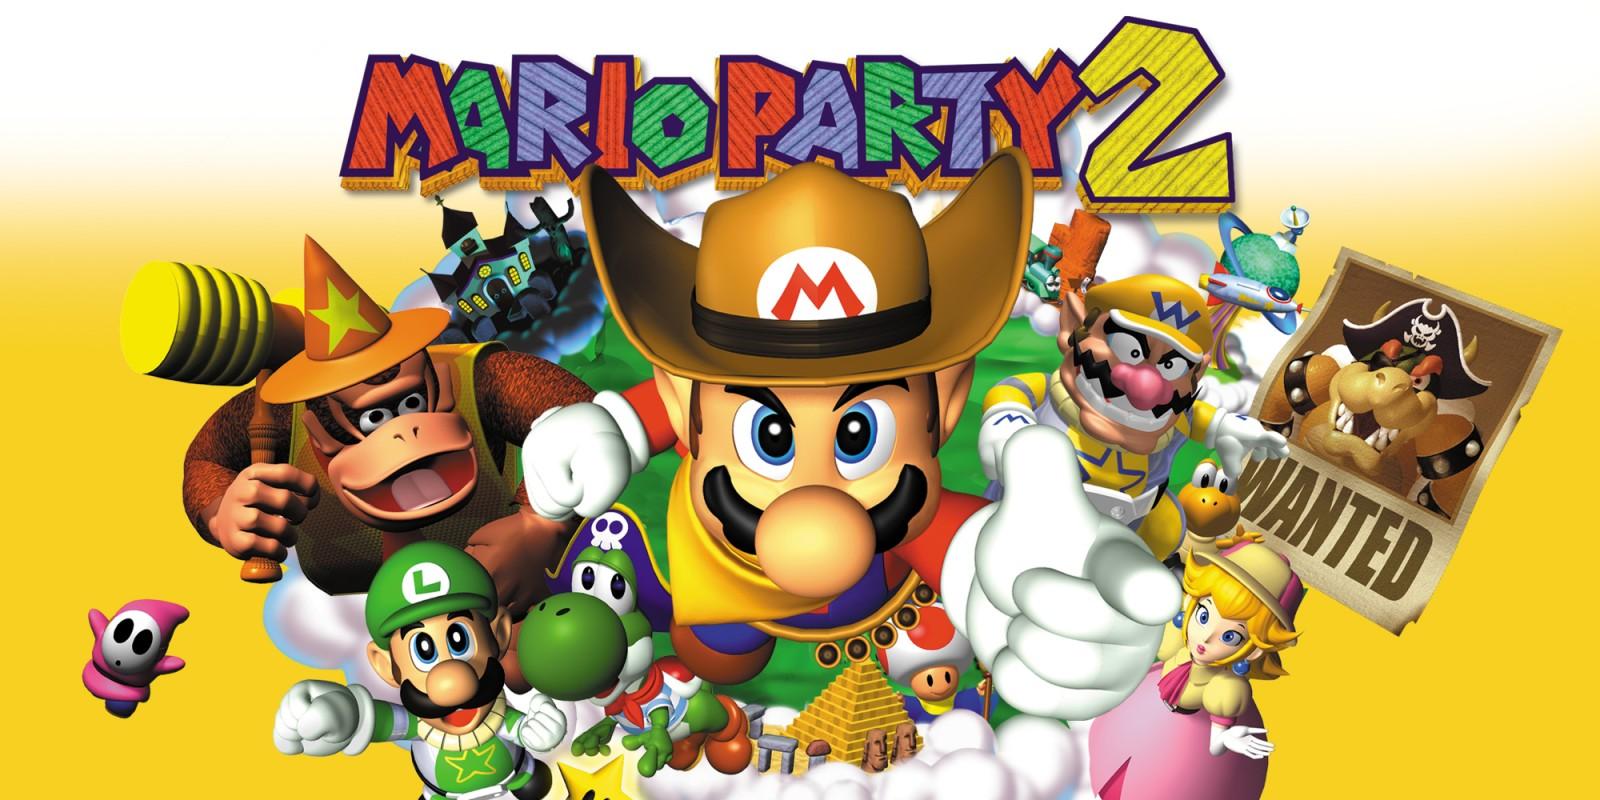 N64 release date in Australia